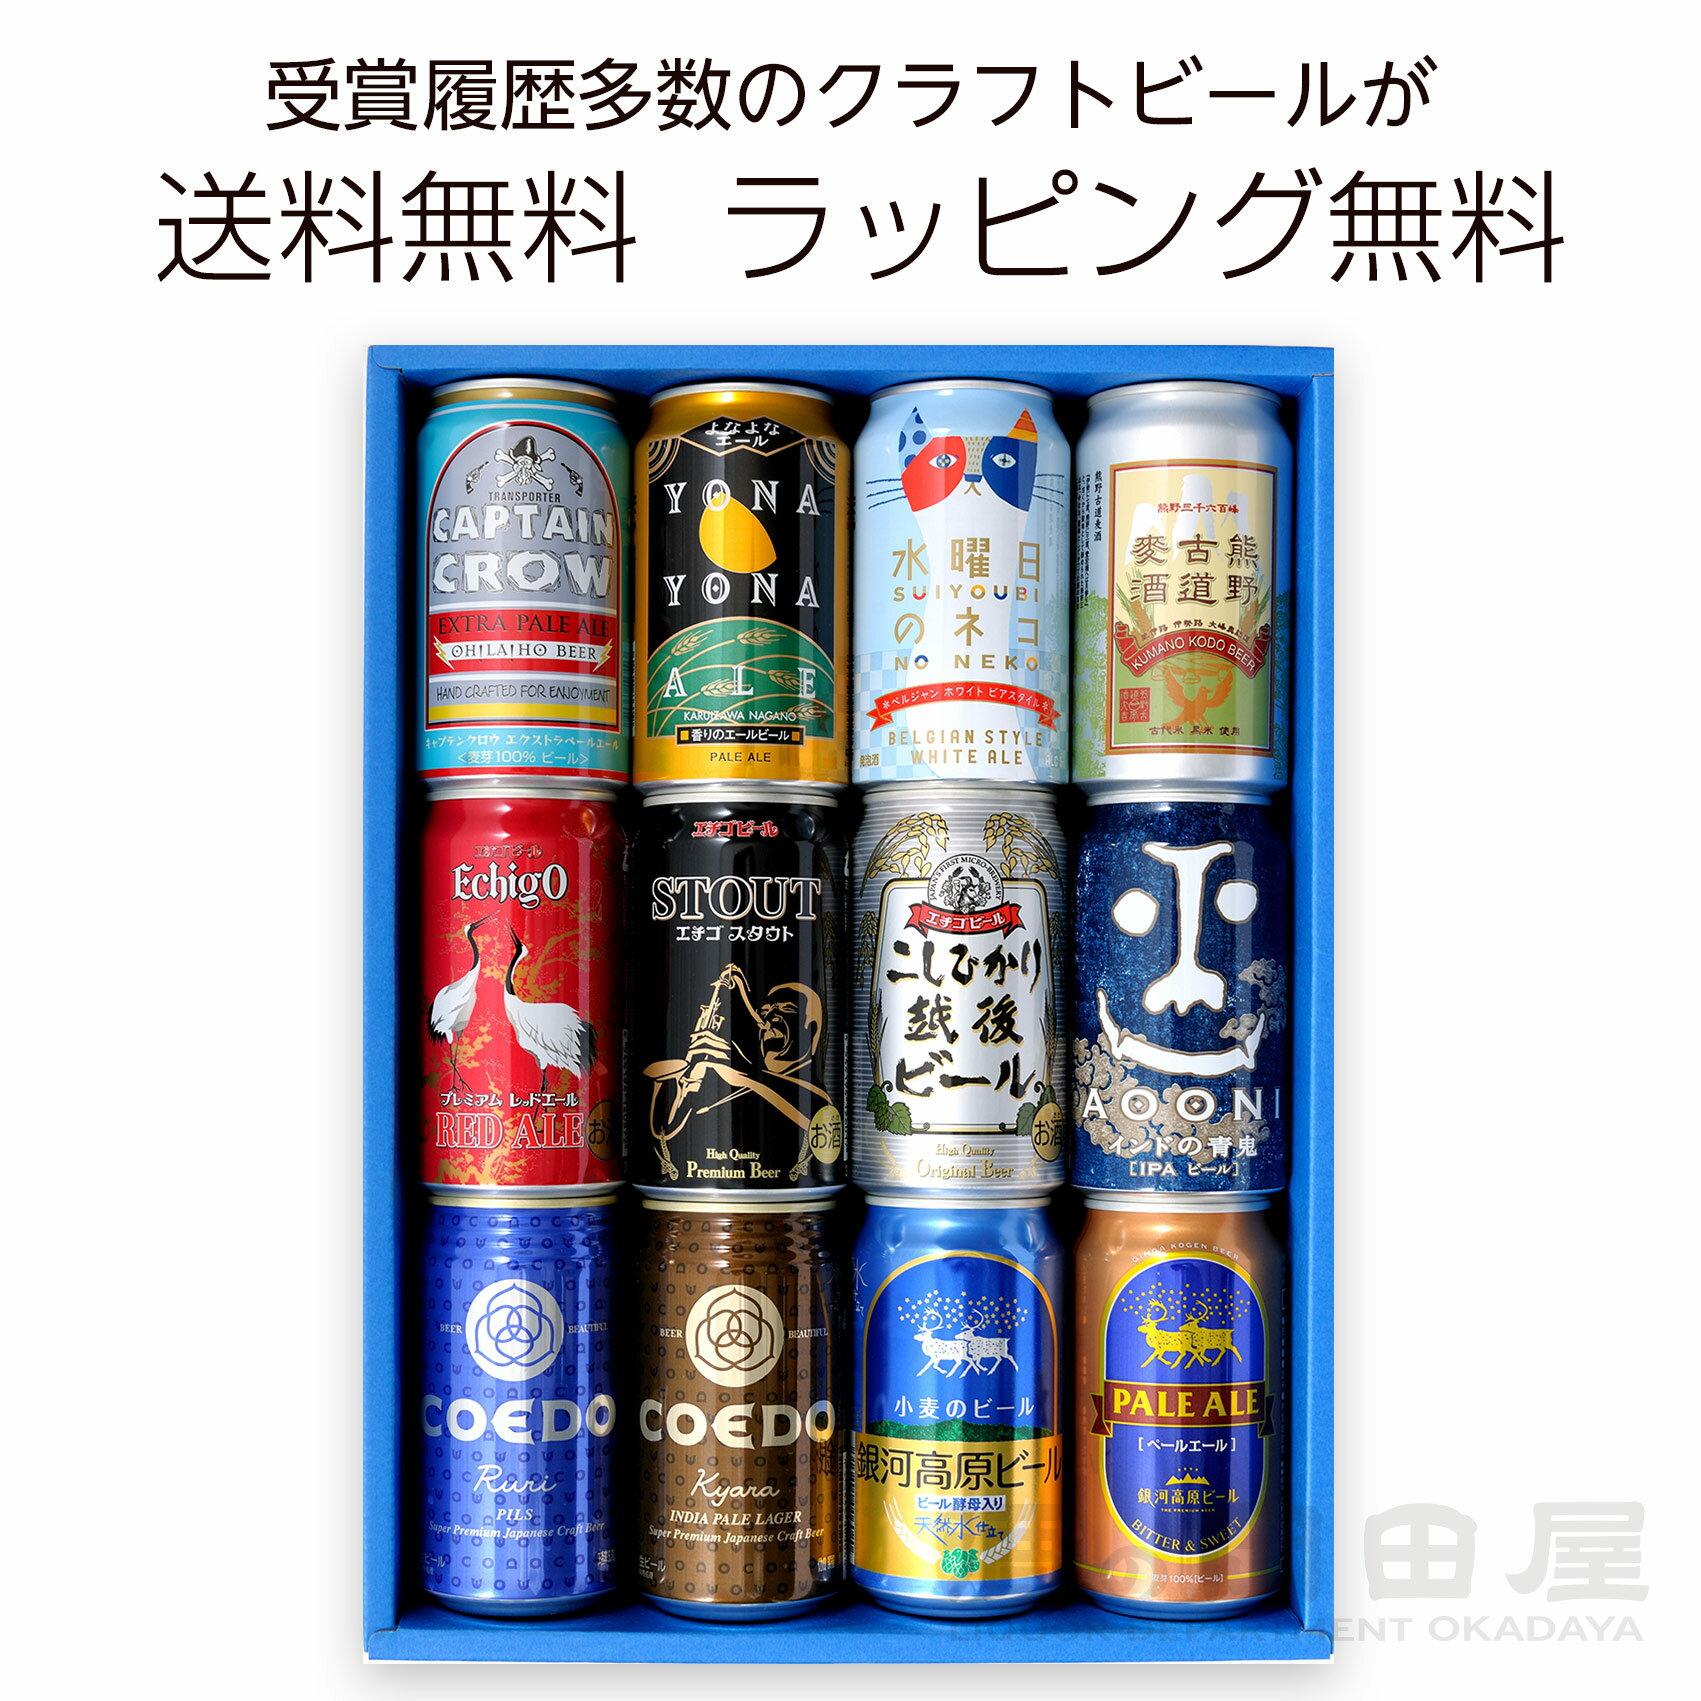 クラフトビール飲み比べセット 12本 詰合わせギフトセット よなよなエール、銀河高原、コエド、エチゴ、二軒茶屋餅角屋本店、オラホビール クラフトビール 地ビール 送料無料 ラッピング無料 のし無料